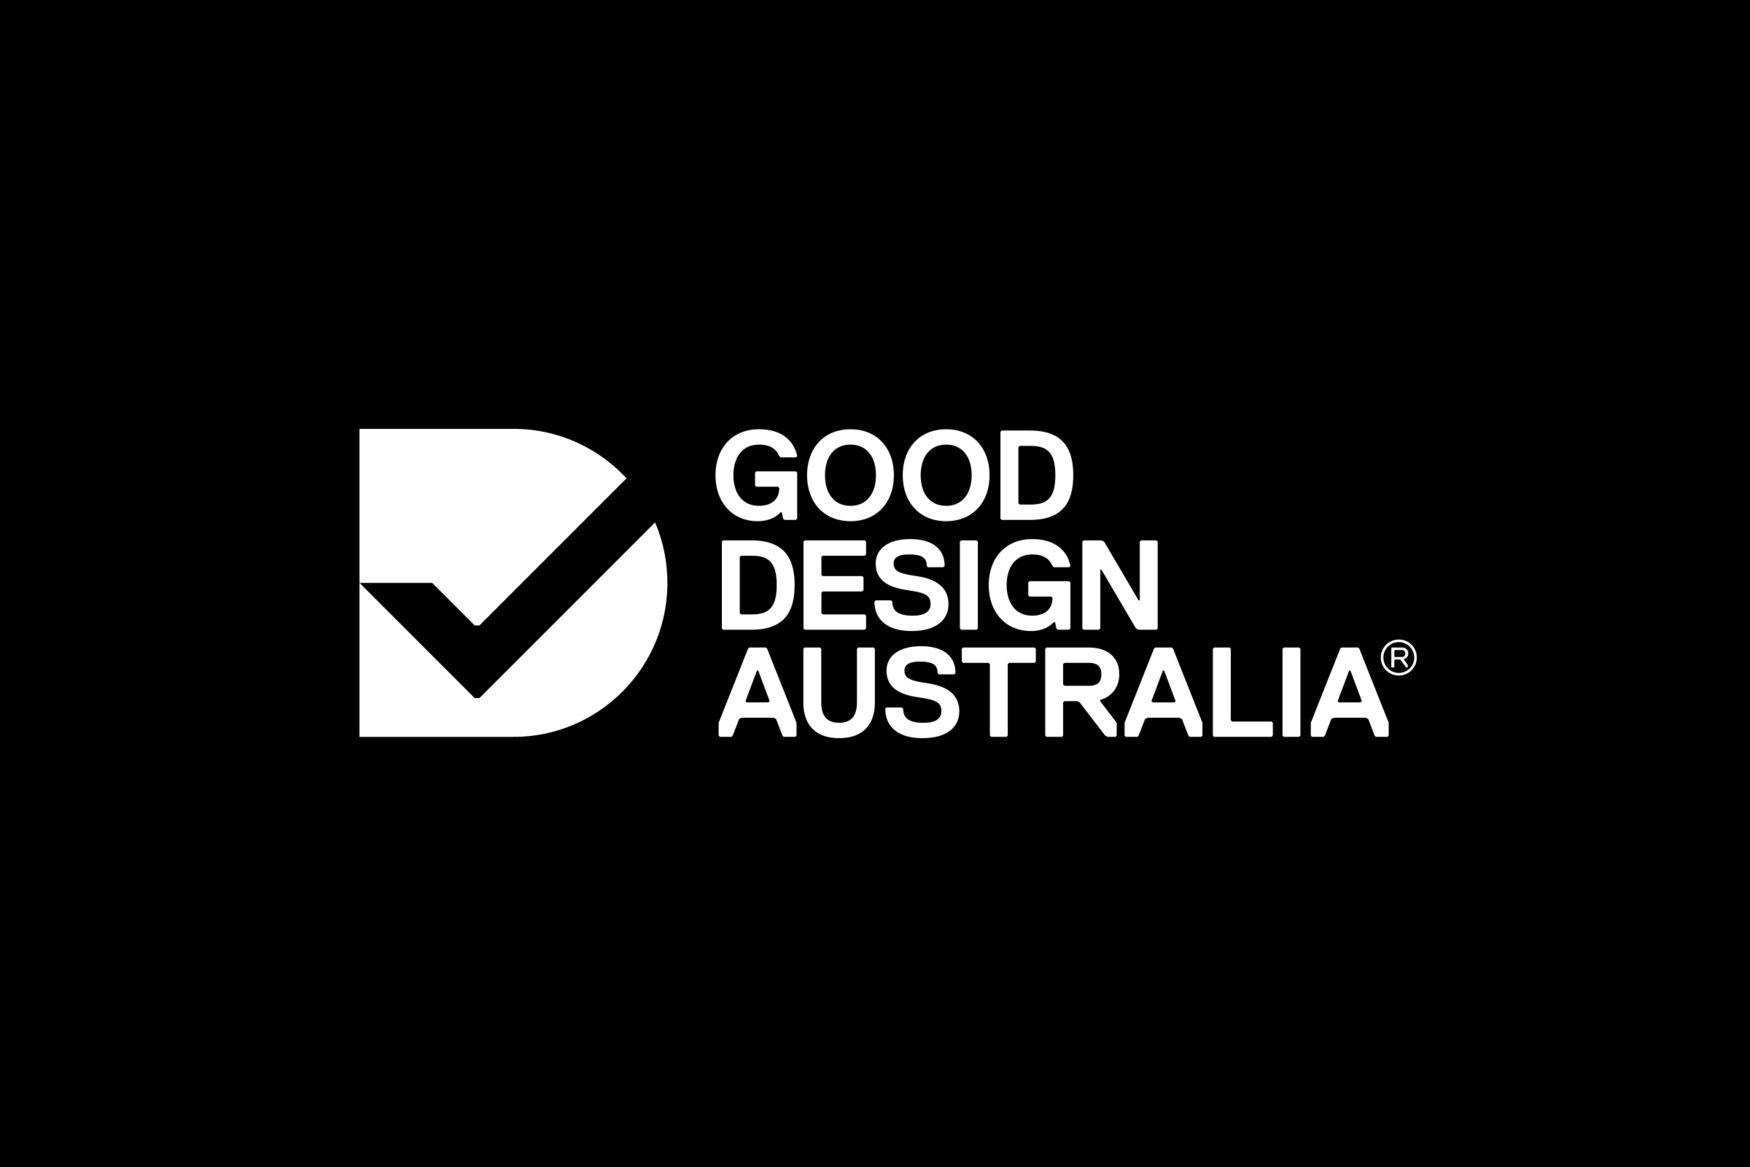 Награда BRP Good Design Award за дизайн и инновации